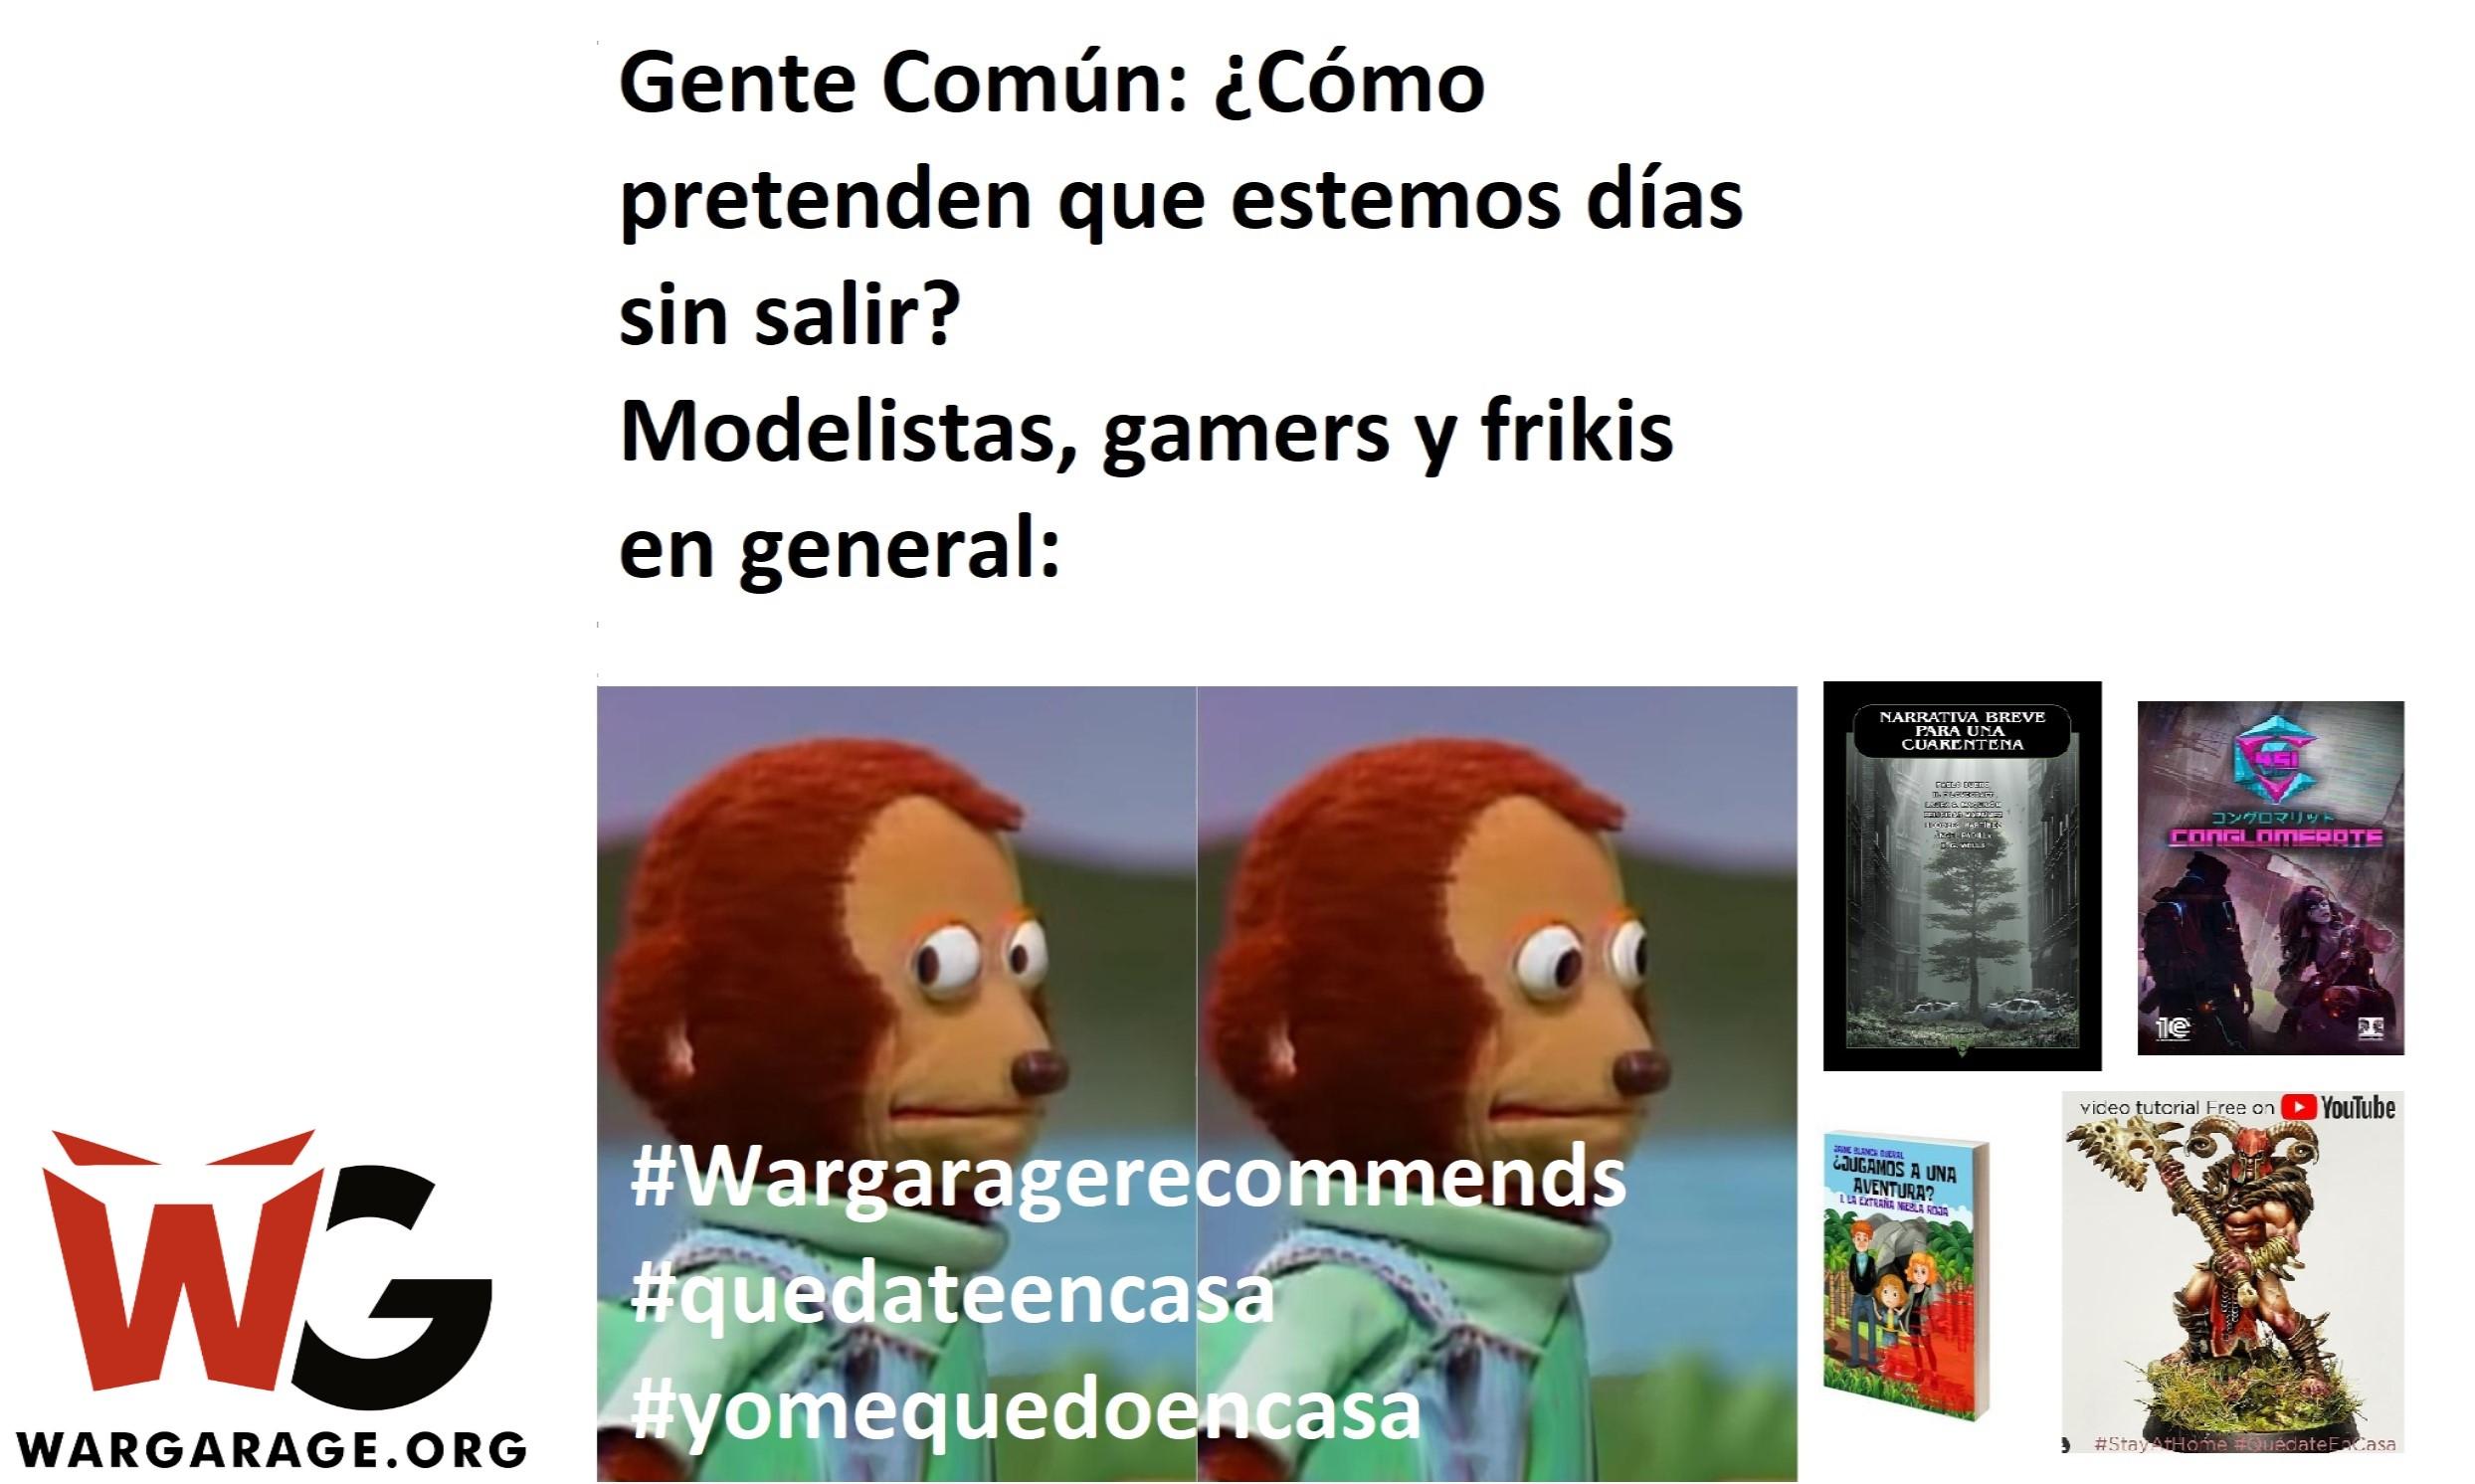 #quedateencasa #yomequedoencasa